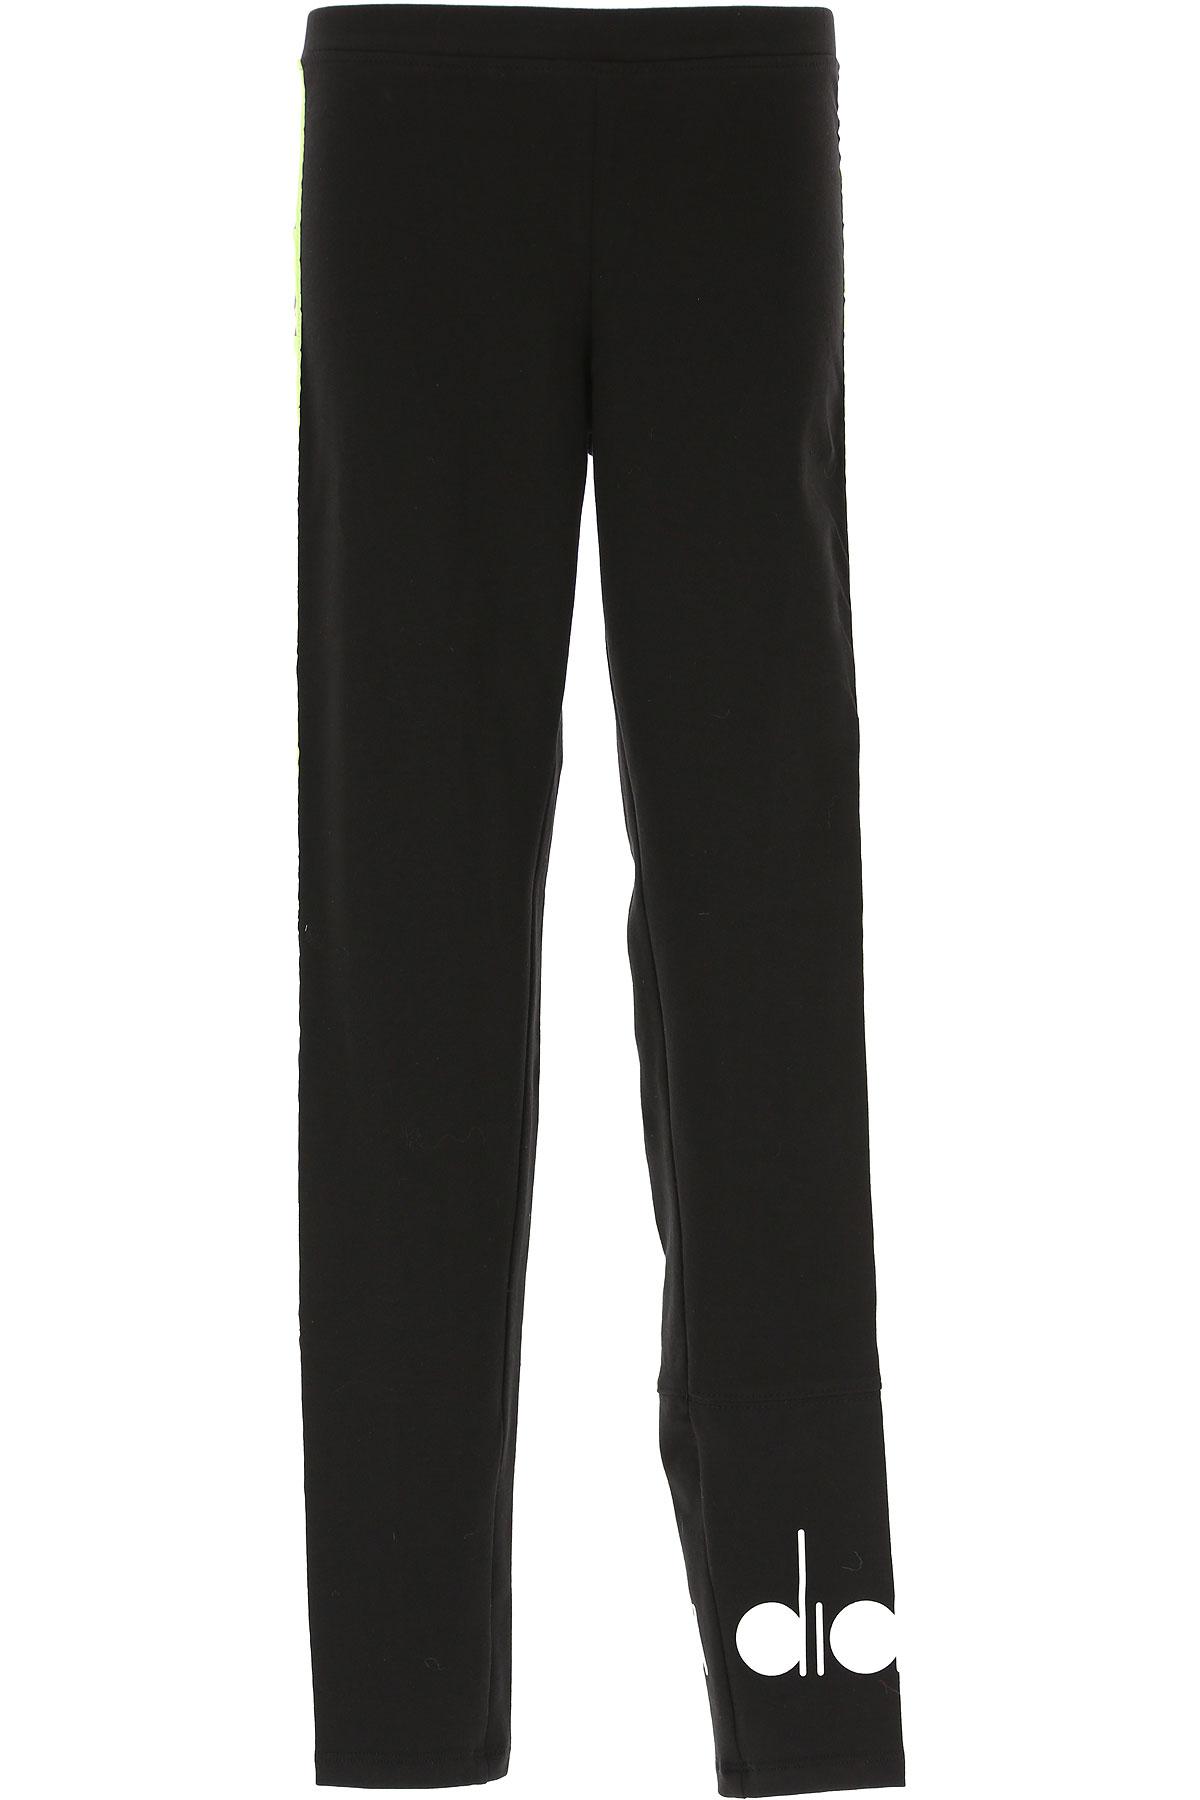 Diadora Kids Pants for Girls On Sale, Black, Cotton, 2019, 10Y 12Y 14Y 8Y